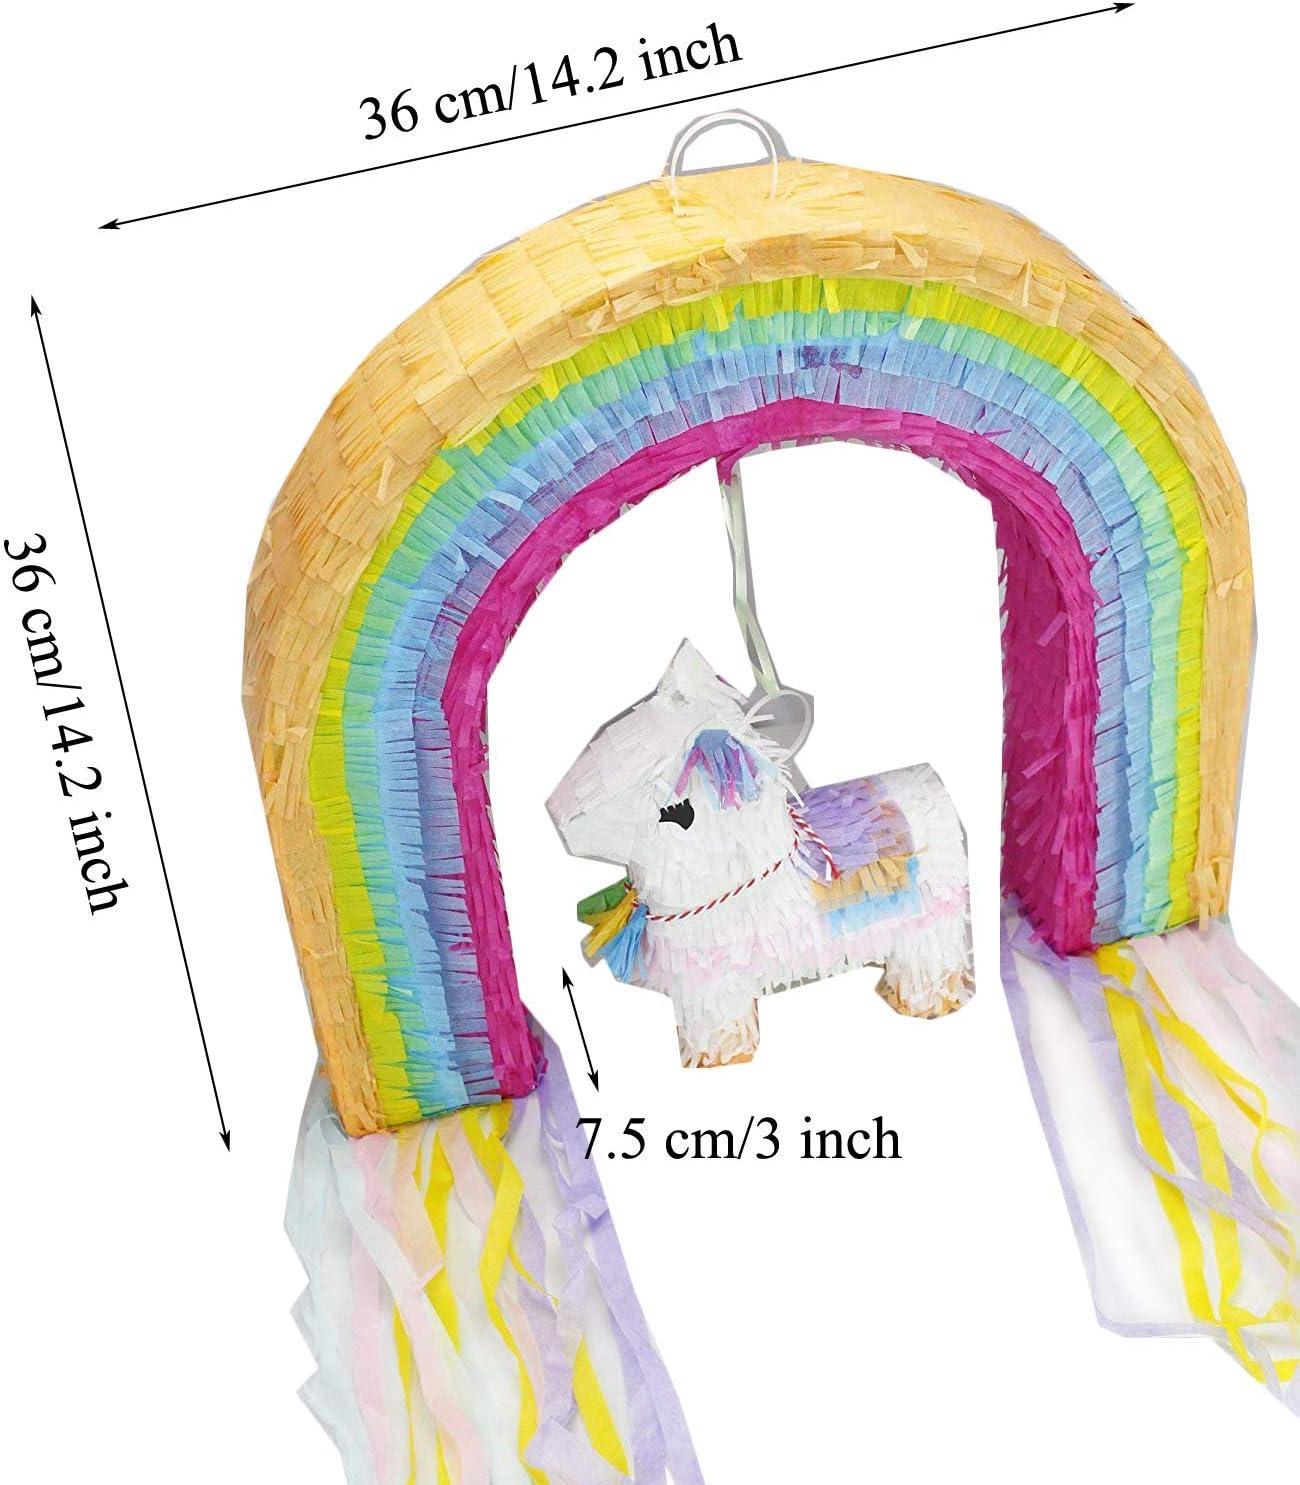 Birthday Eseewin Pinata mit Plastikstift und Augenmaske Partydekorationen Mix Farbe Papier Zubeh/ör S/ü/ßigkeiten Gef/älligkeiten Dekorationsideen f/ür Partys